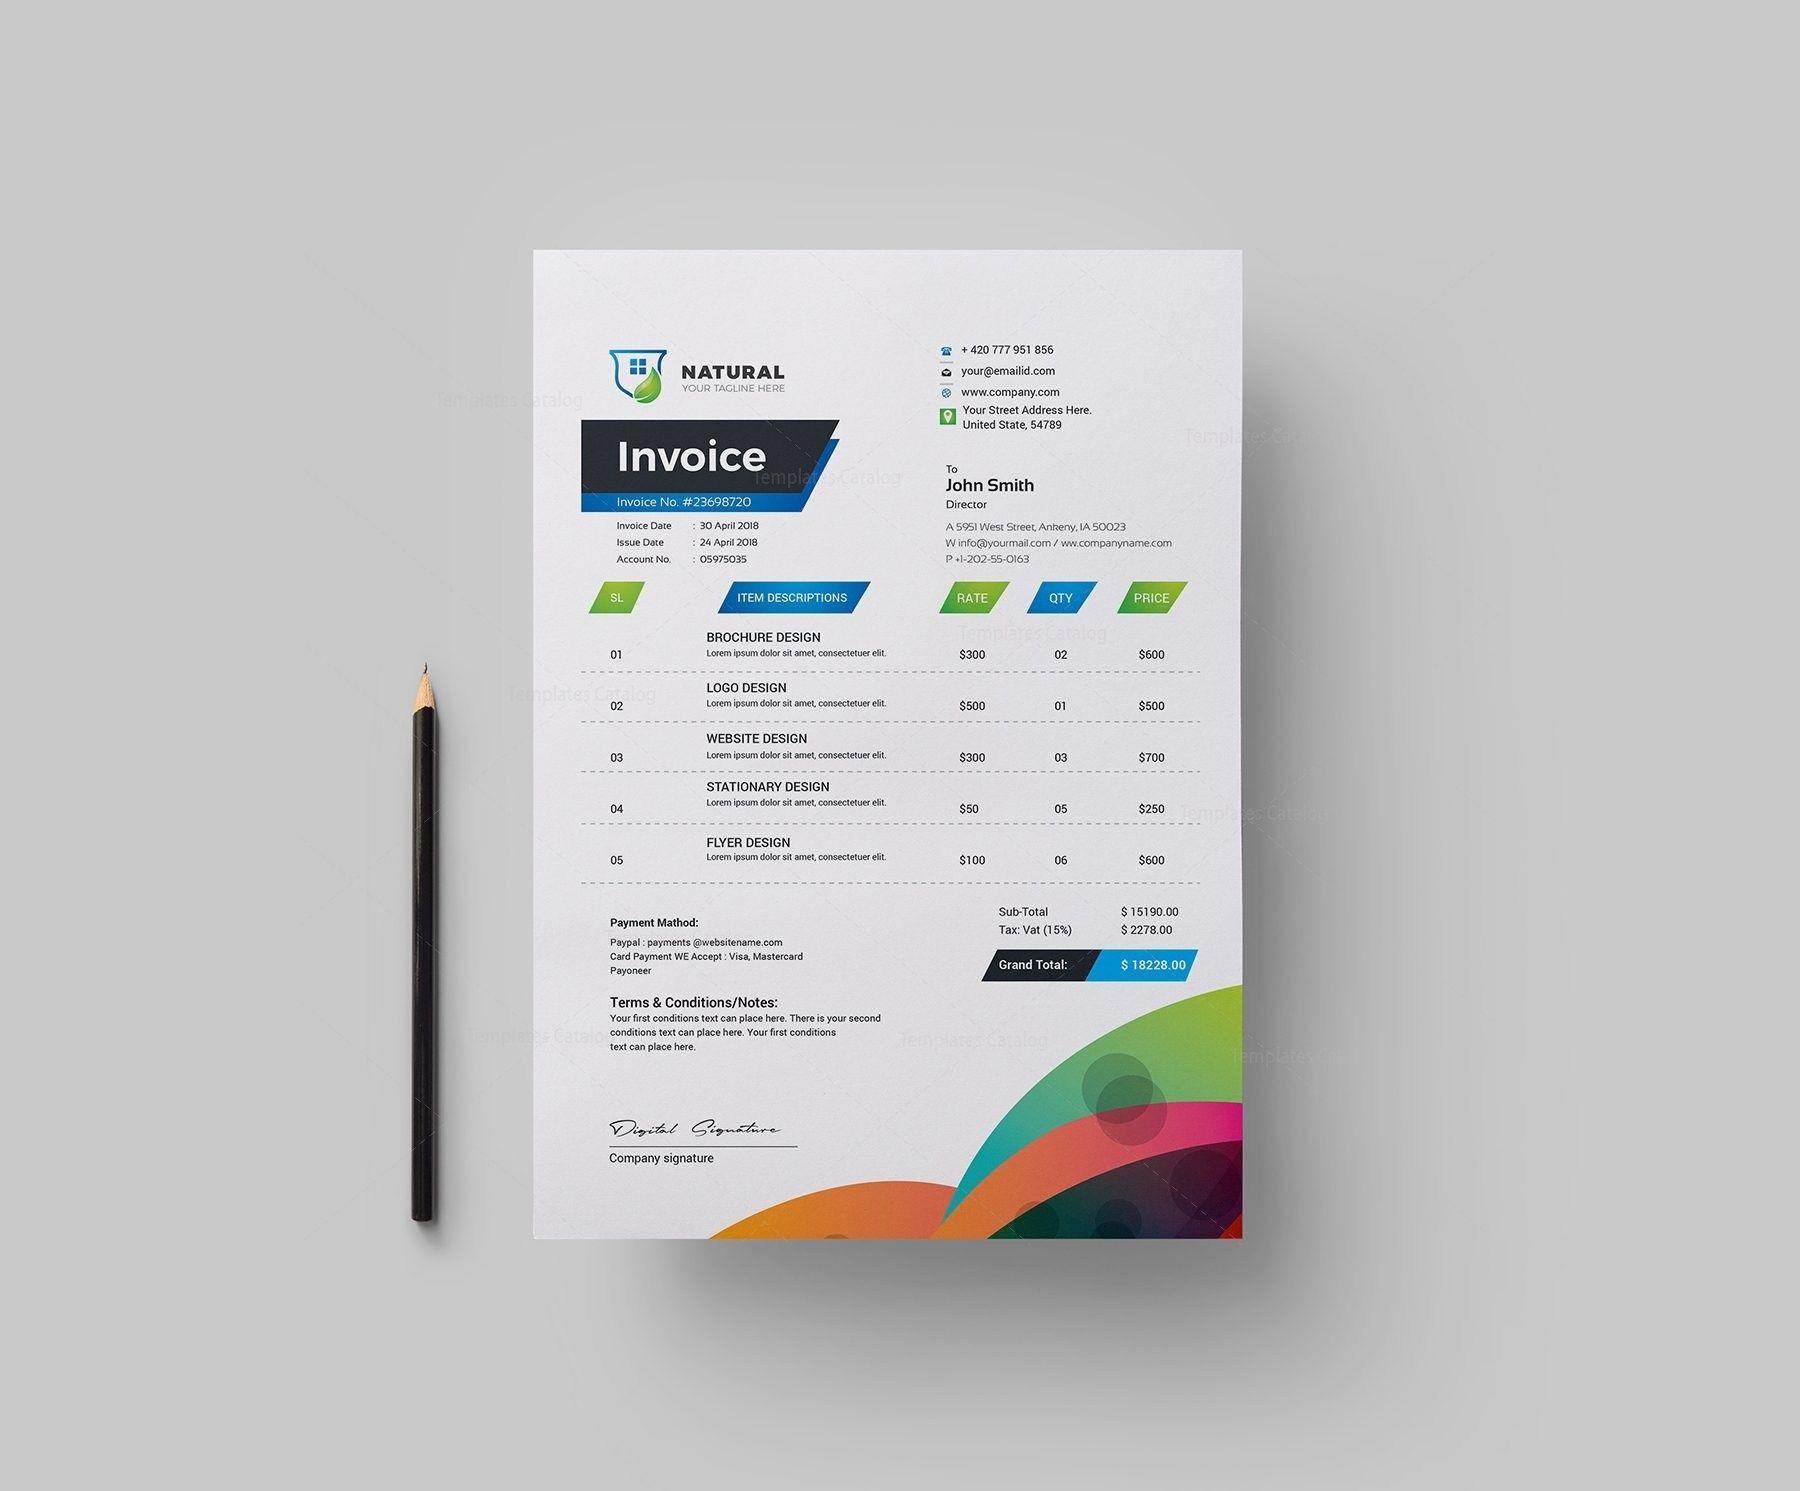 Colorful Creative Invoice Design Template 036 5 99 Https Templatesengine Com Image Colorful Creativ Invoice Design Invoice Design Template Invoice Template